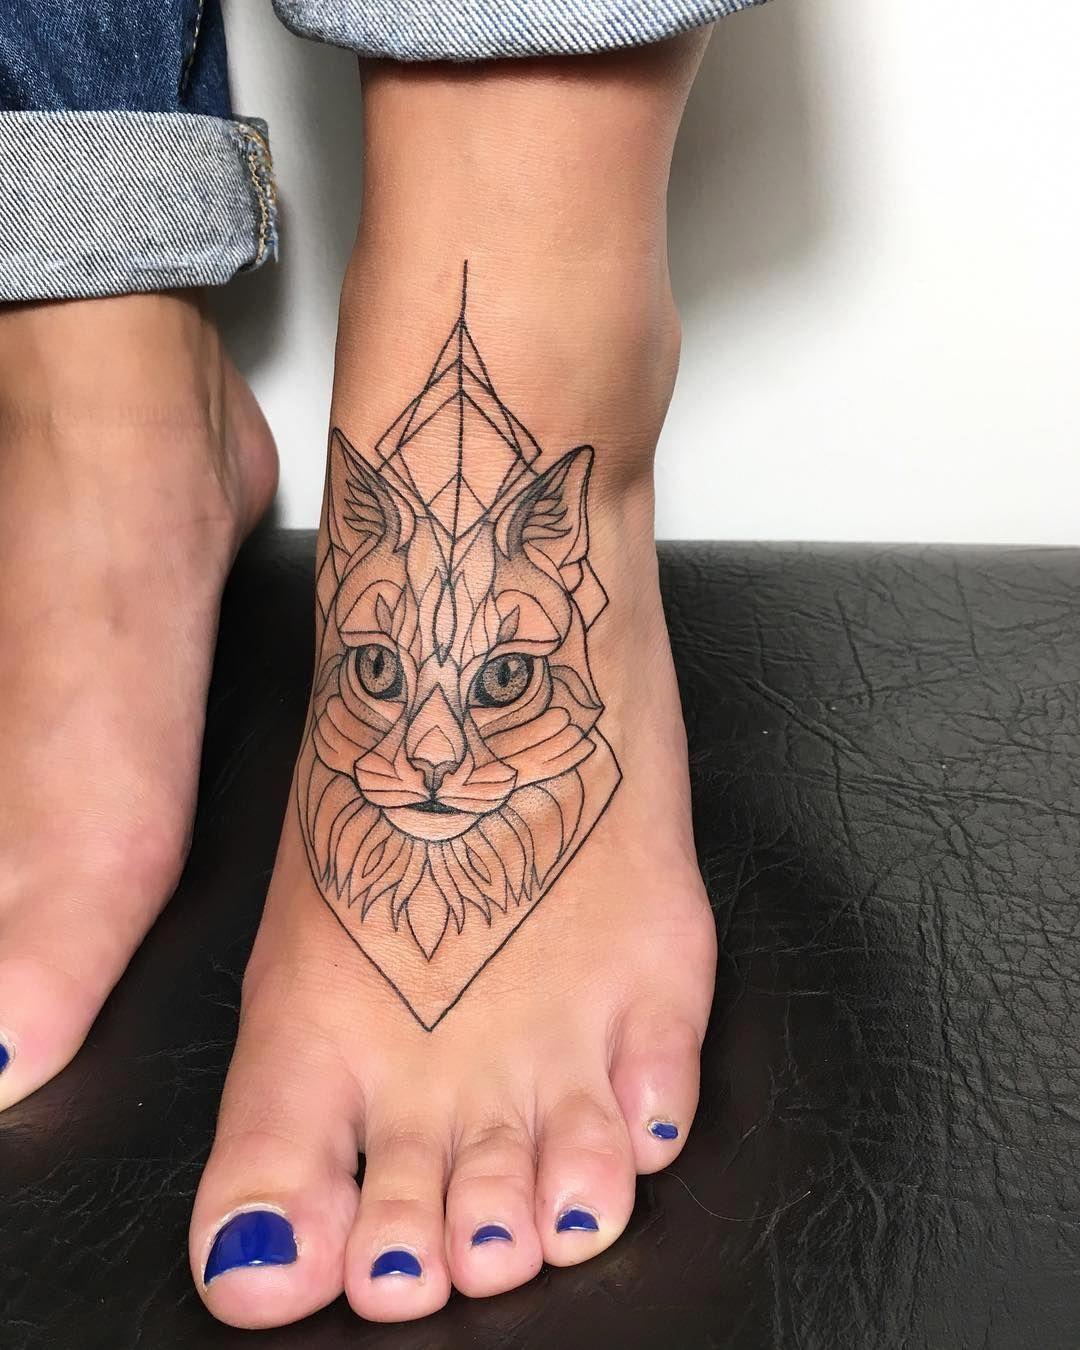 tatuagem feminina geométrica no pé 2021